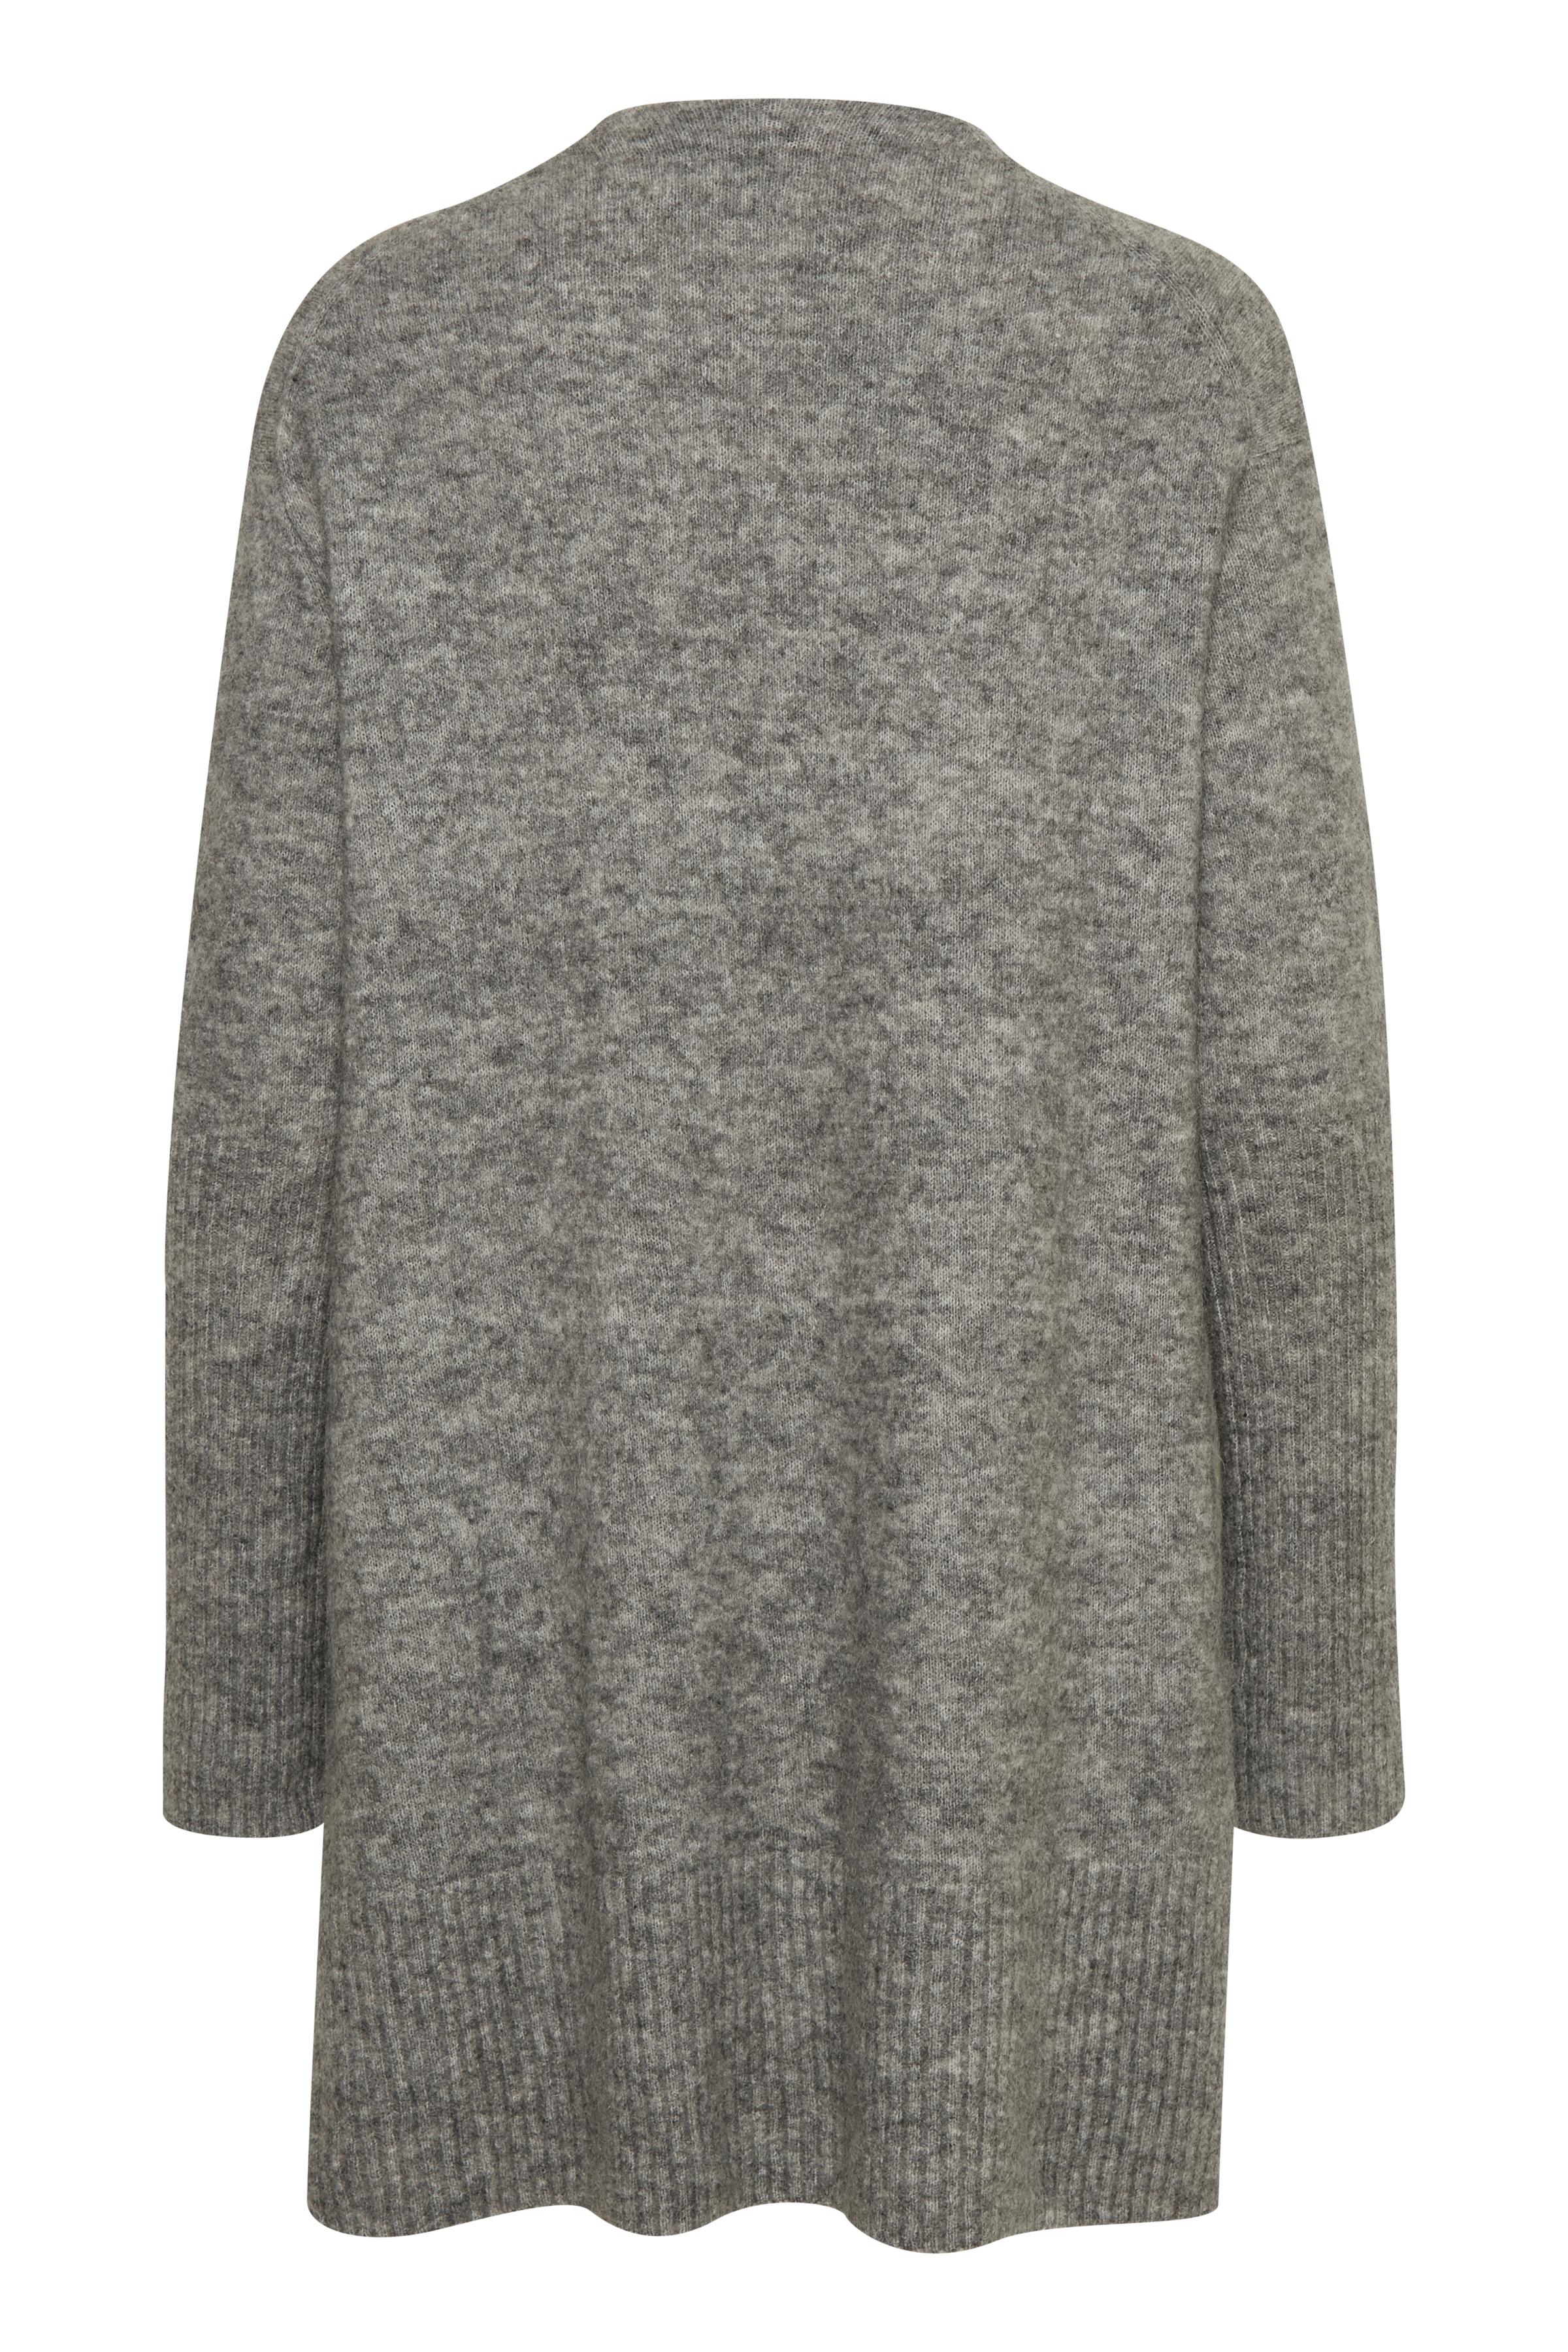 New Light Grey Melange Strikcardigan – Køb New Light Grey Melange Strikcardigan fra str. S-L her